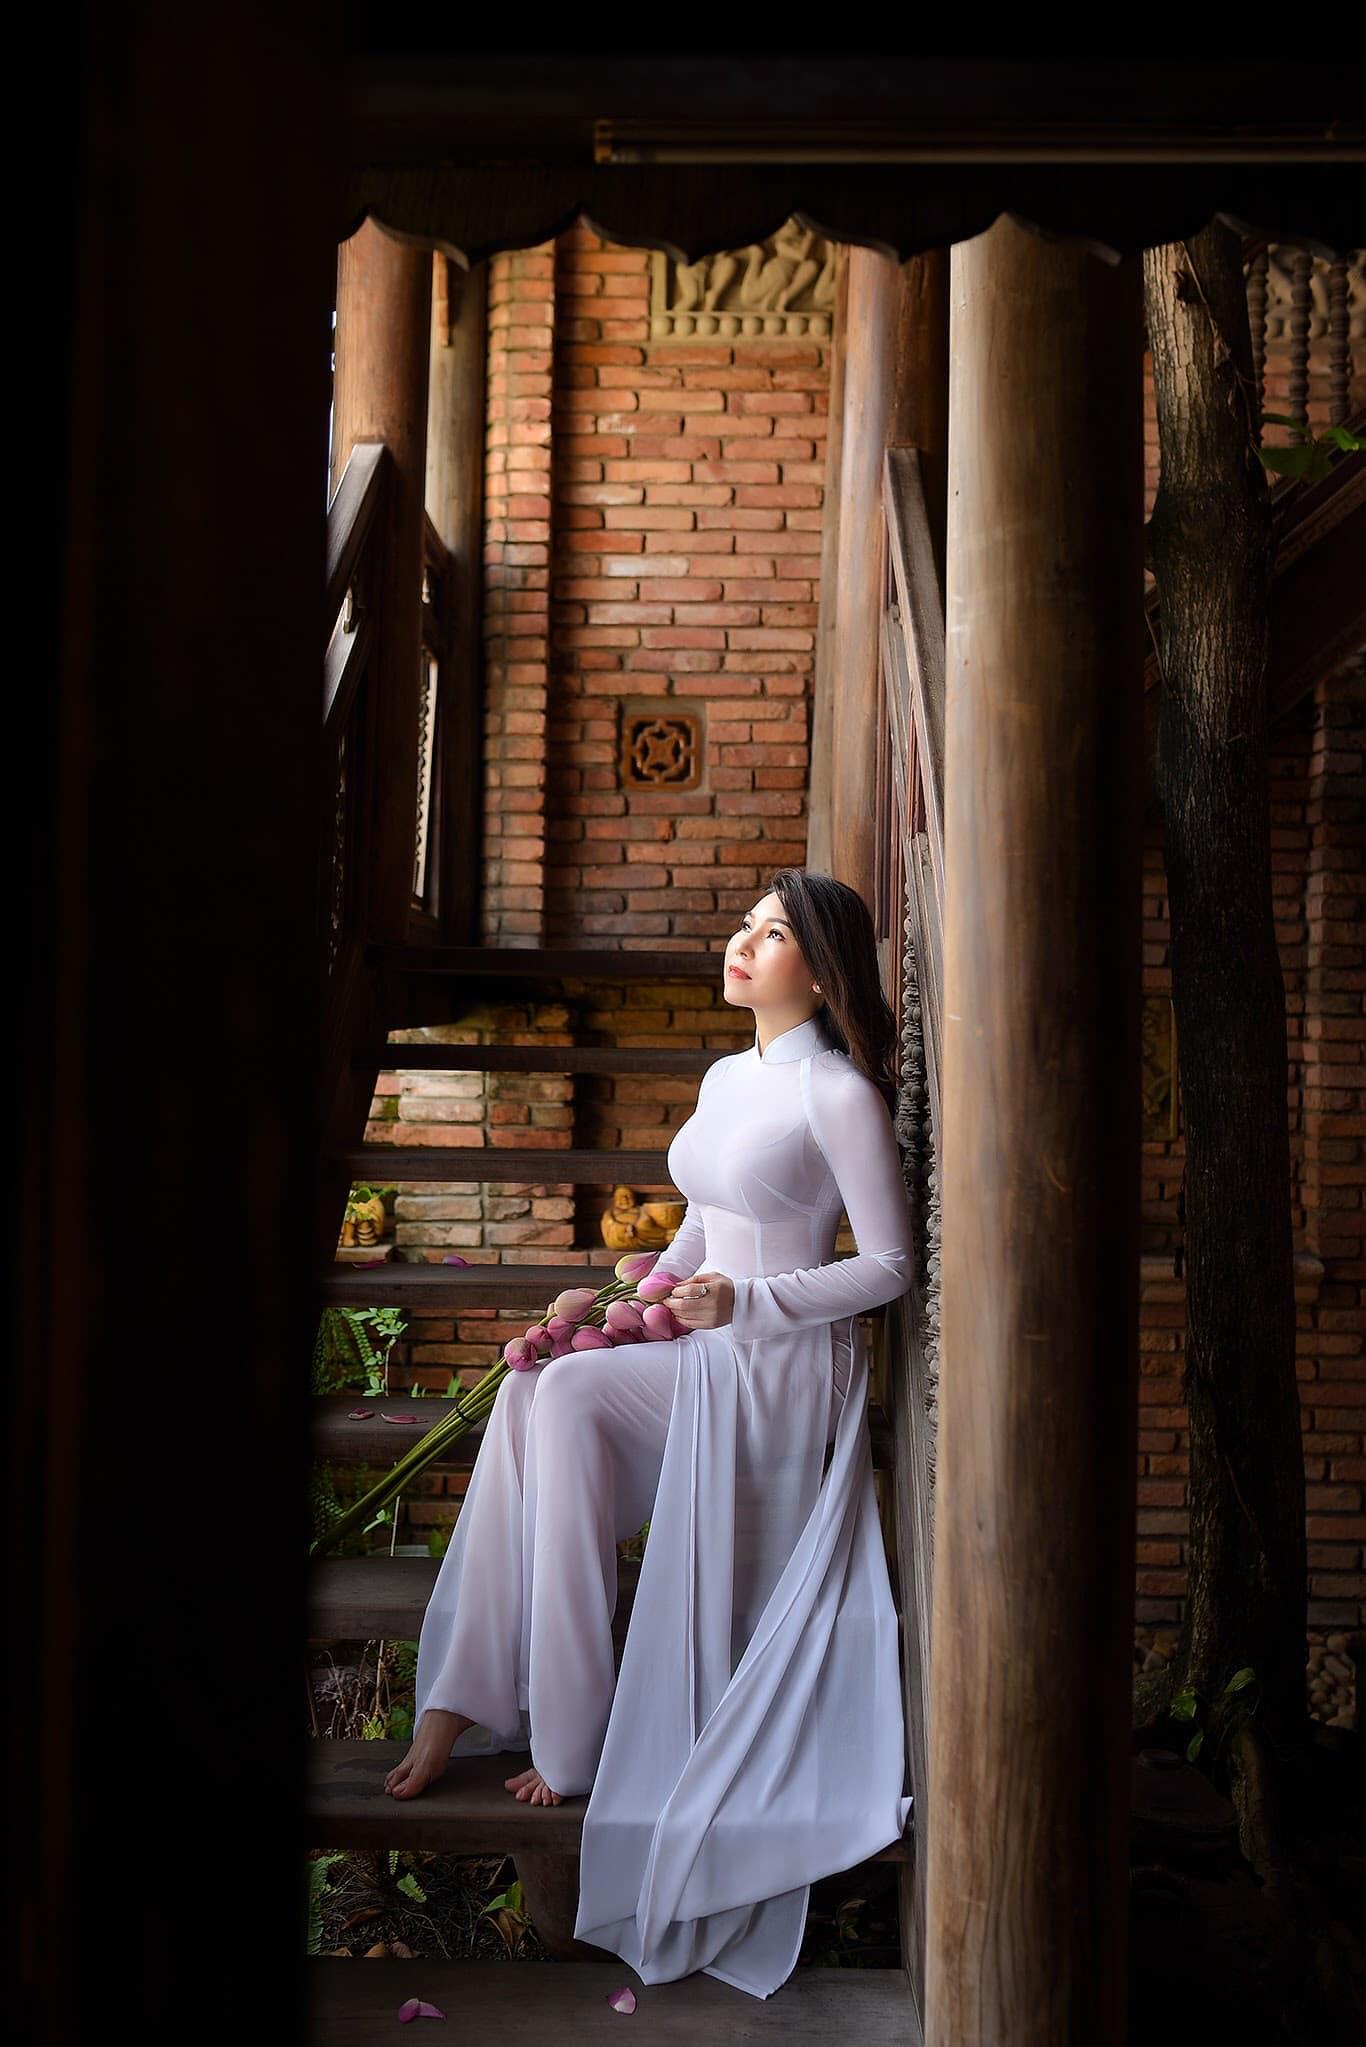 Tuyển tập girl xinh gái đẹp Việt Nam mặc áo dài đẹp mê hồn #57 - 4